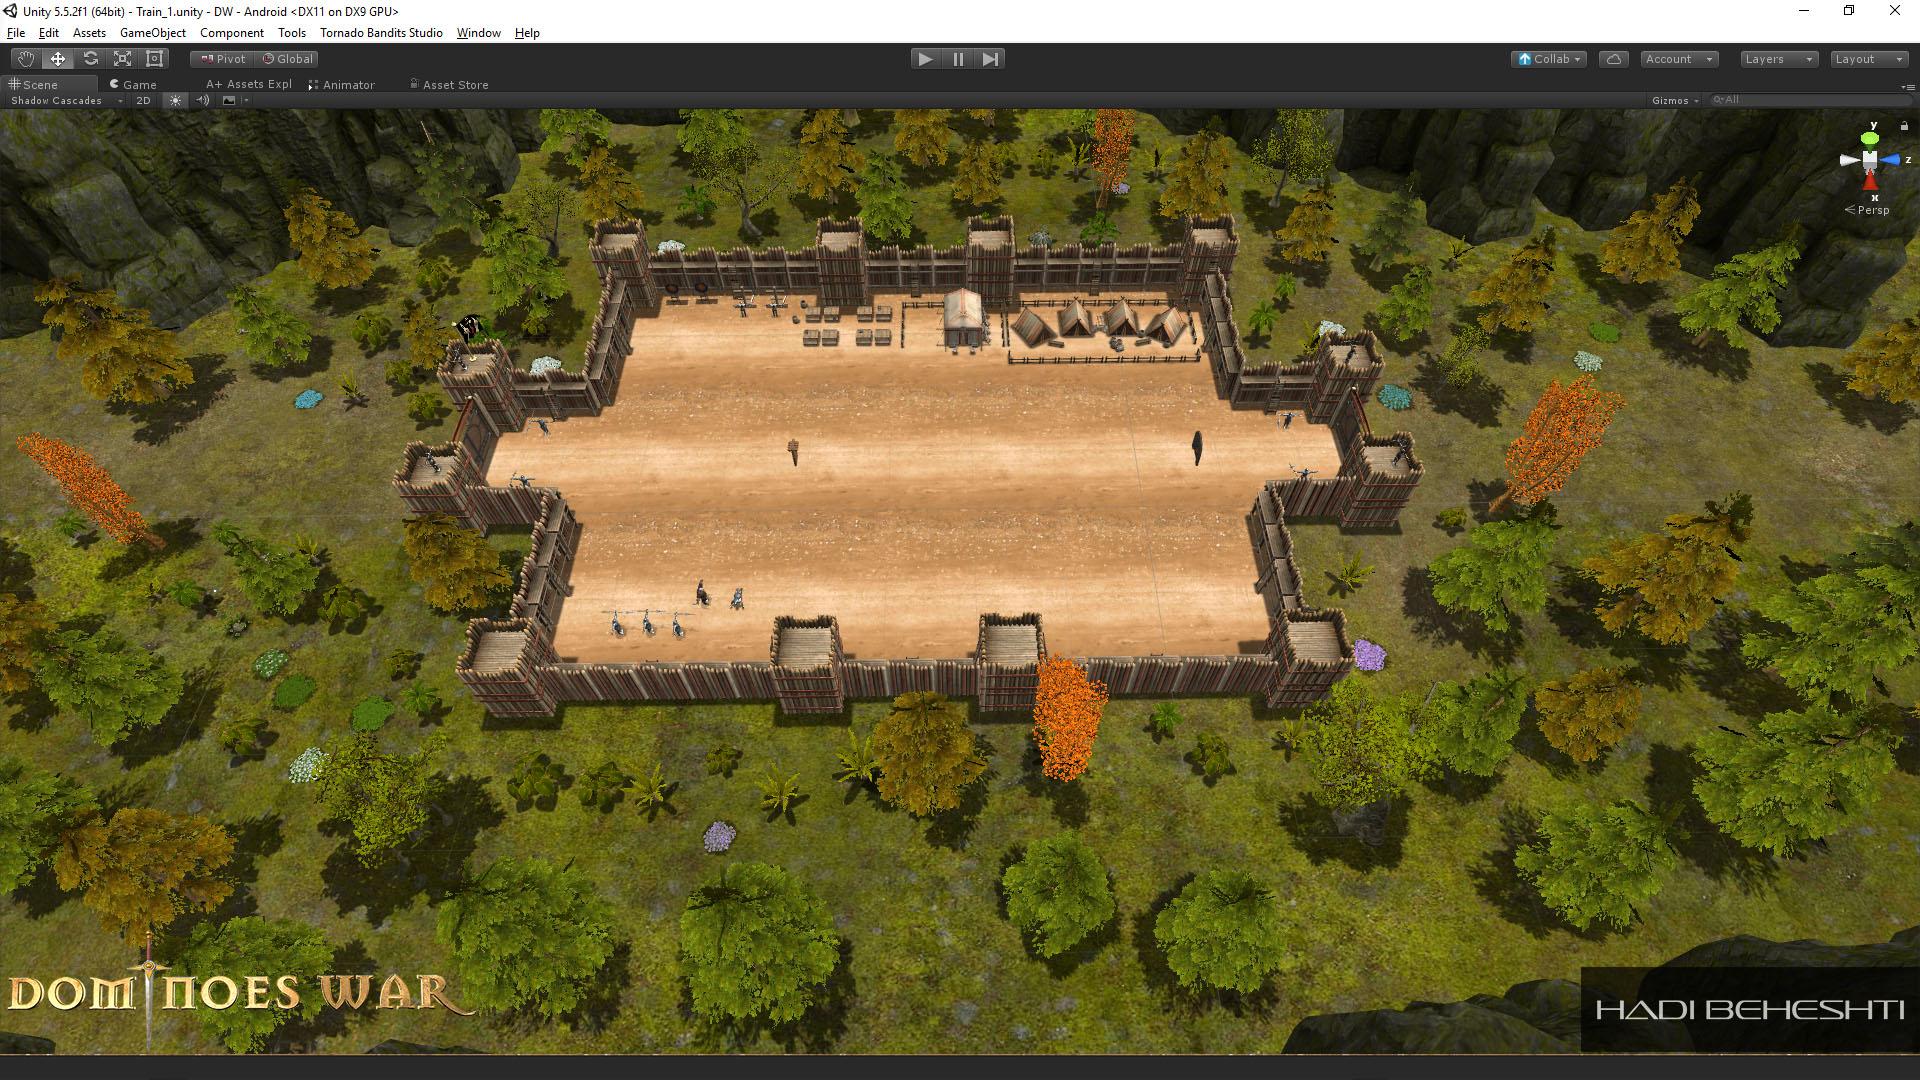 Dominoes War Game Garrison Scene Hadi Beheshti CG Artist-1